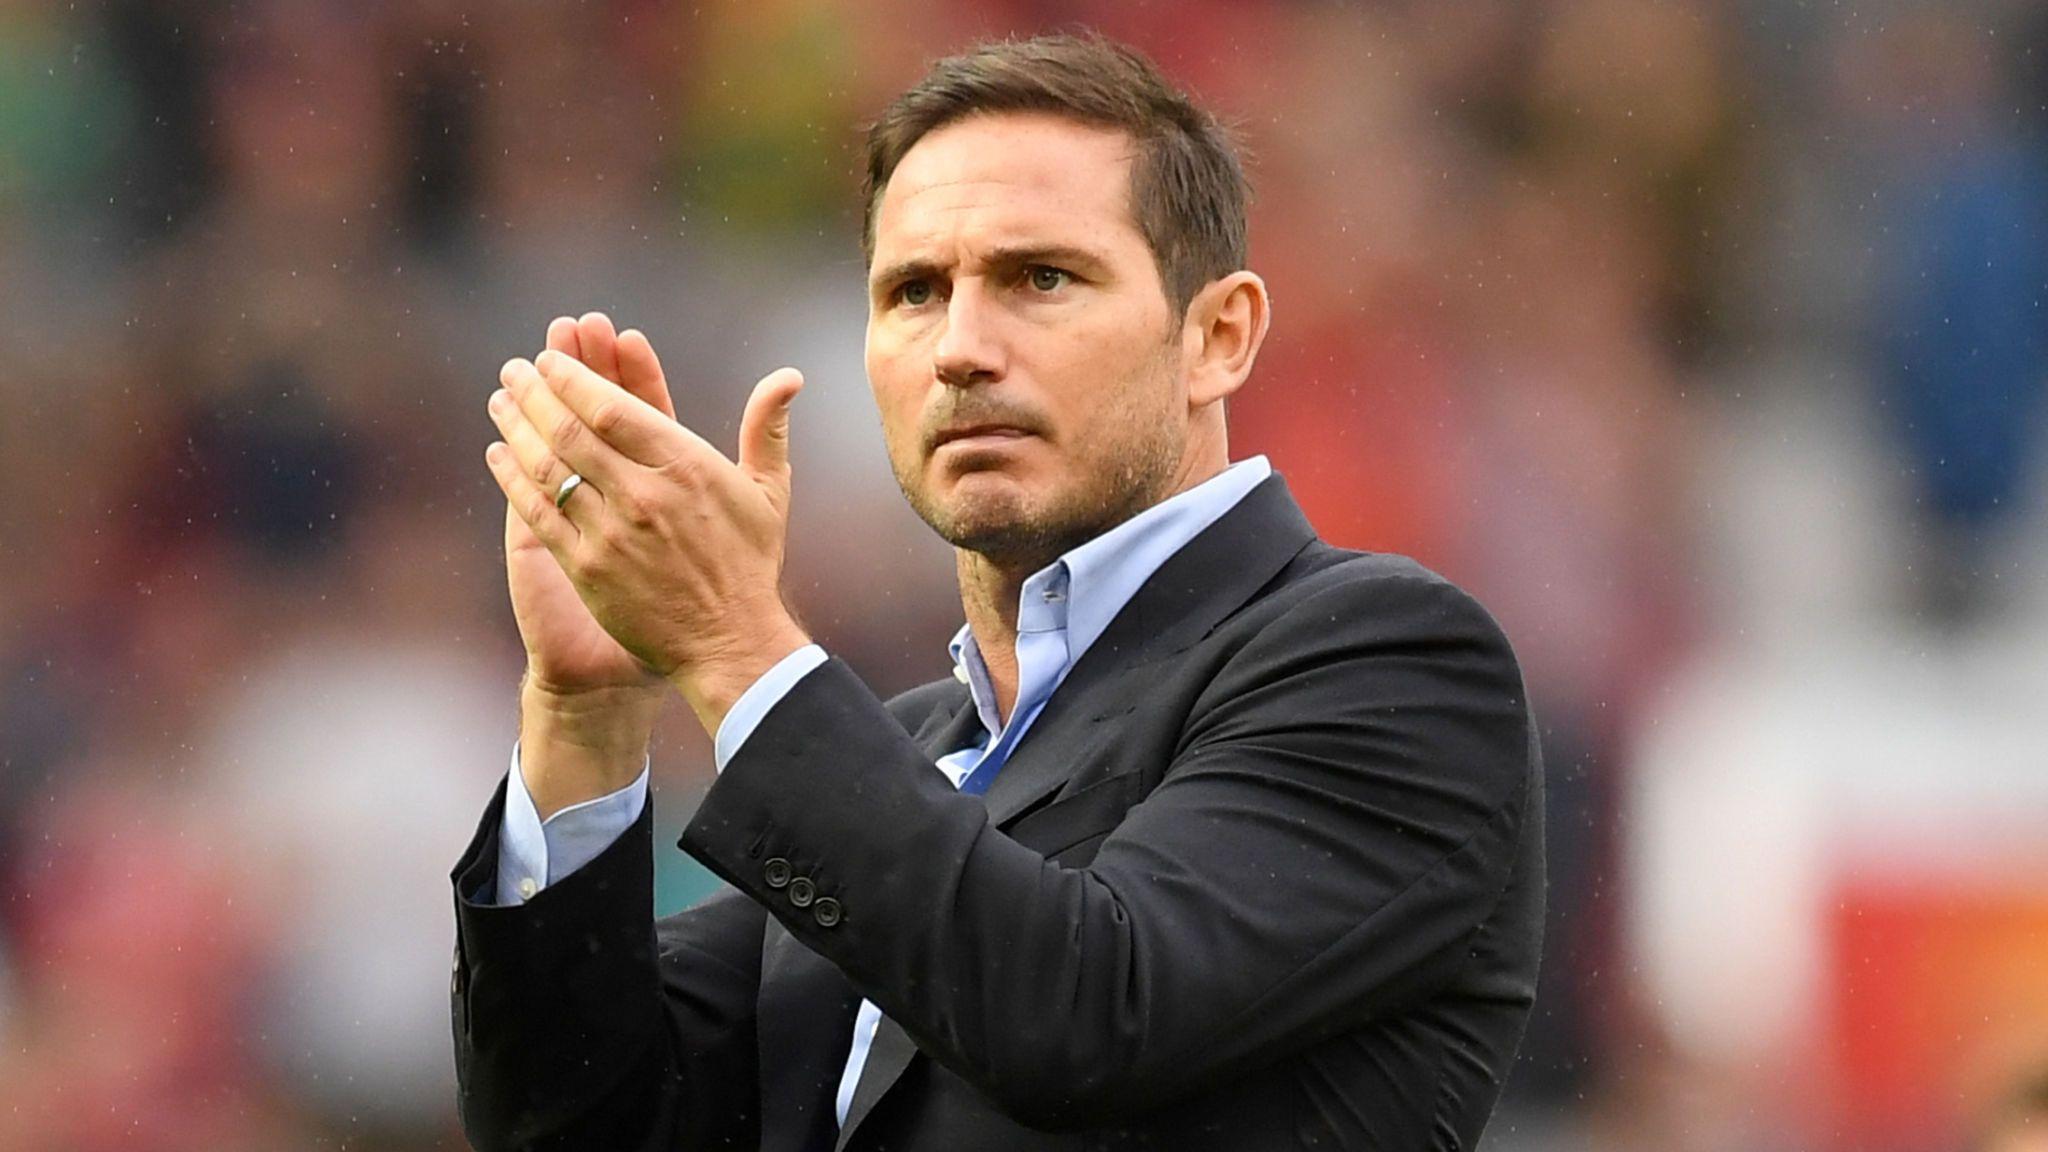 https://talksport.com/football/587004/uefa-super-cup-chelsea-liverpool-dan-petrescu-frank-lampard/ - Bóng Đá